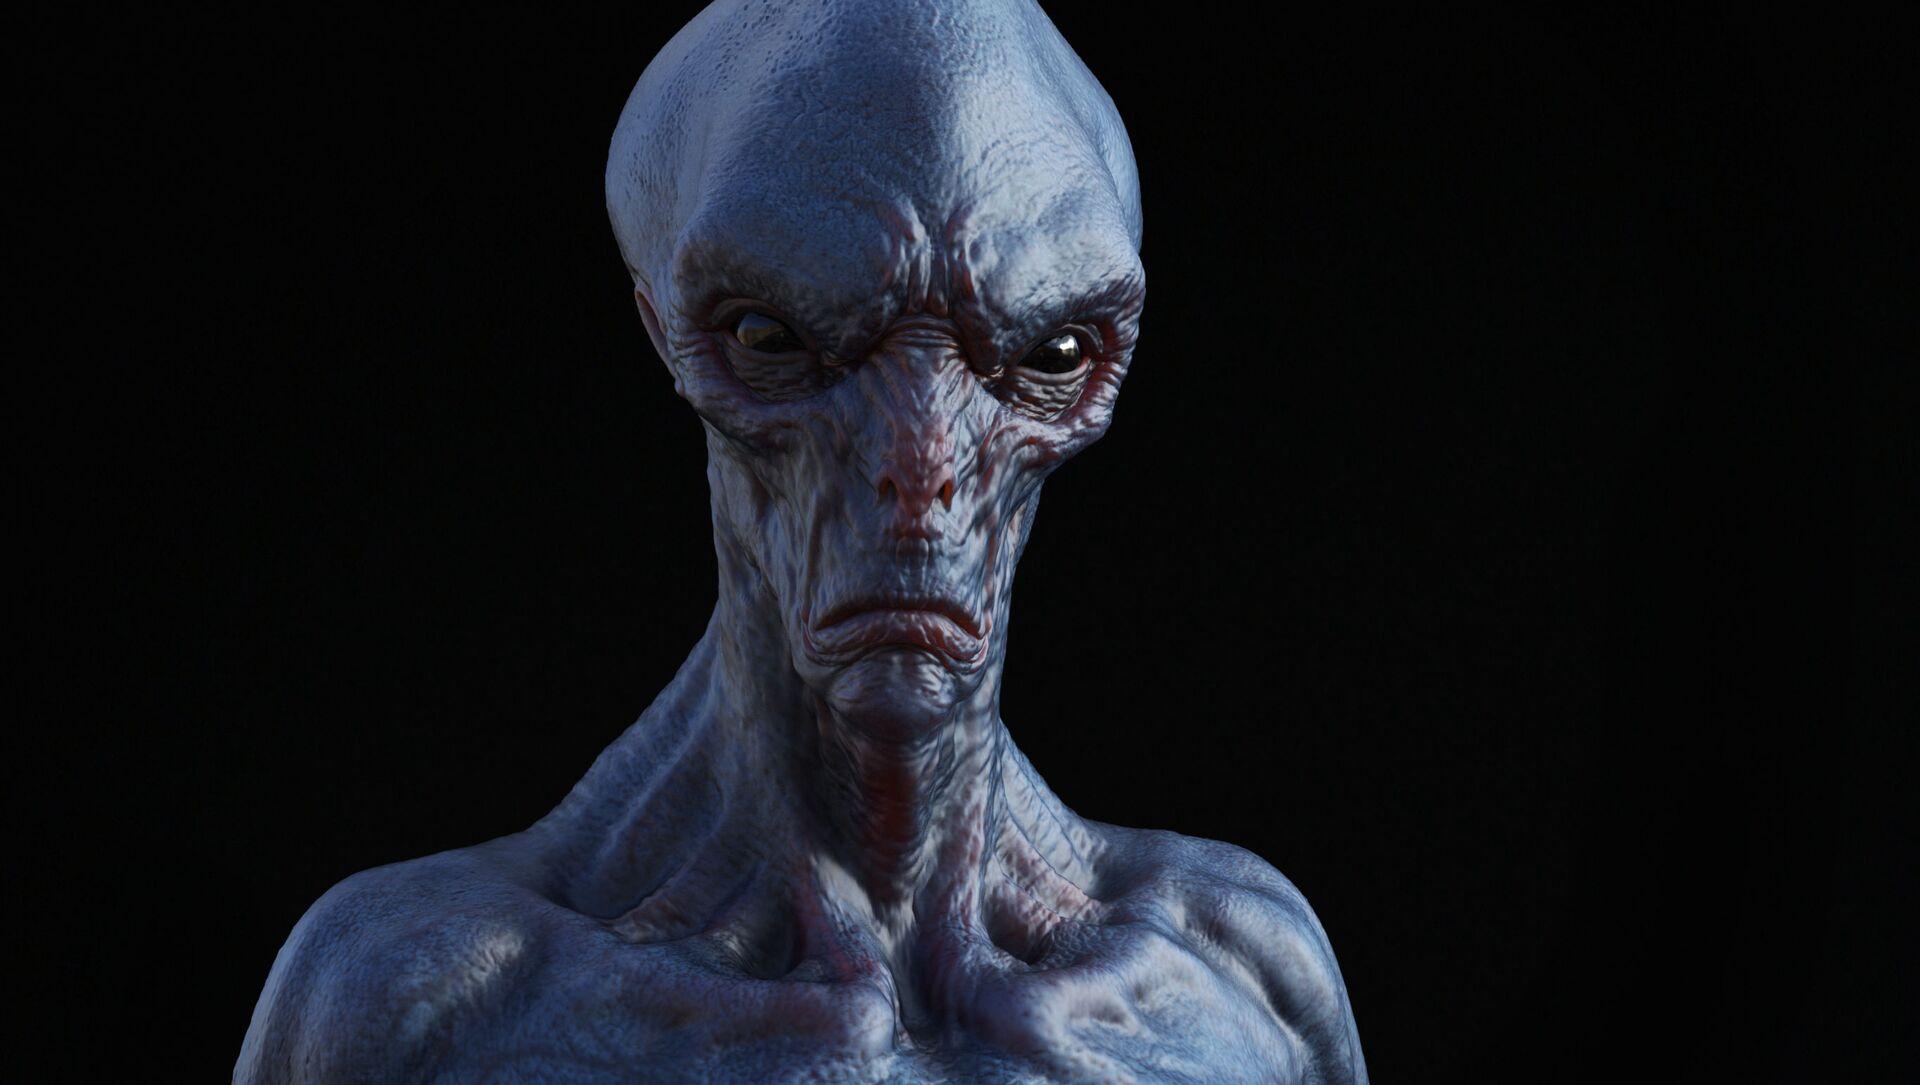 Immagine di un alieno in 3D - Sputnik Italia, 1920, 01.05.2021